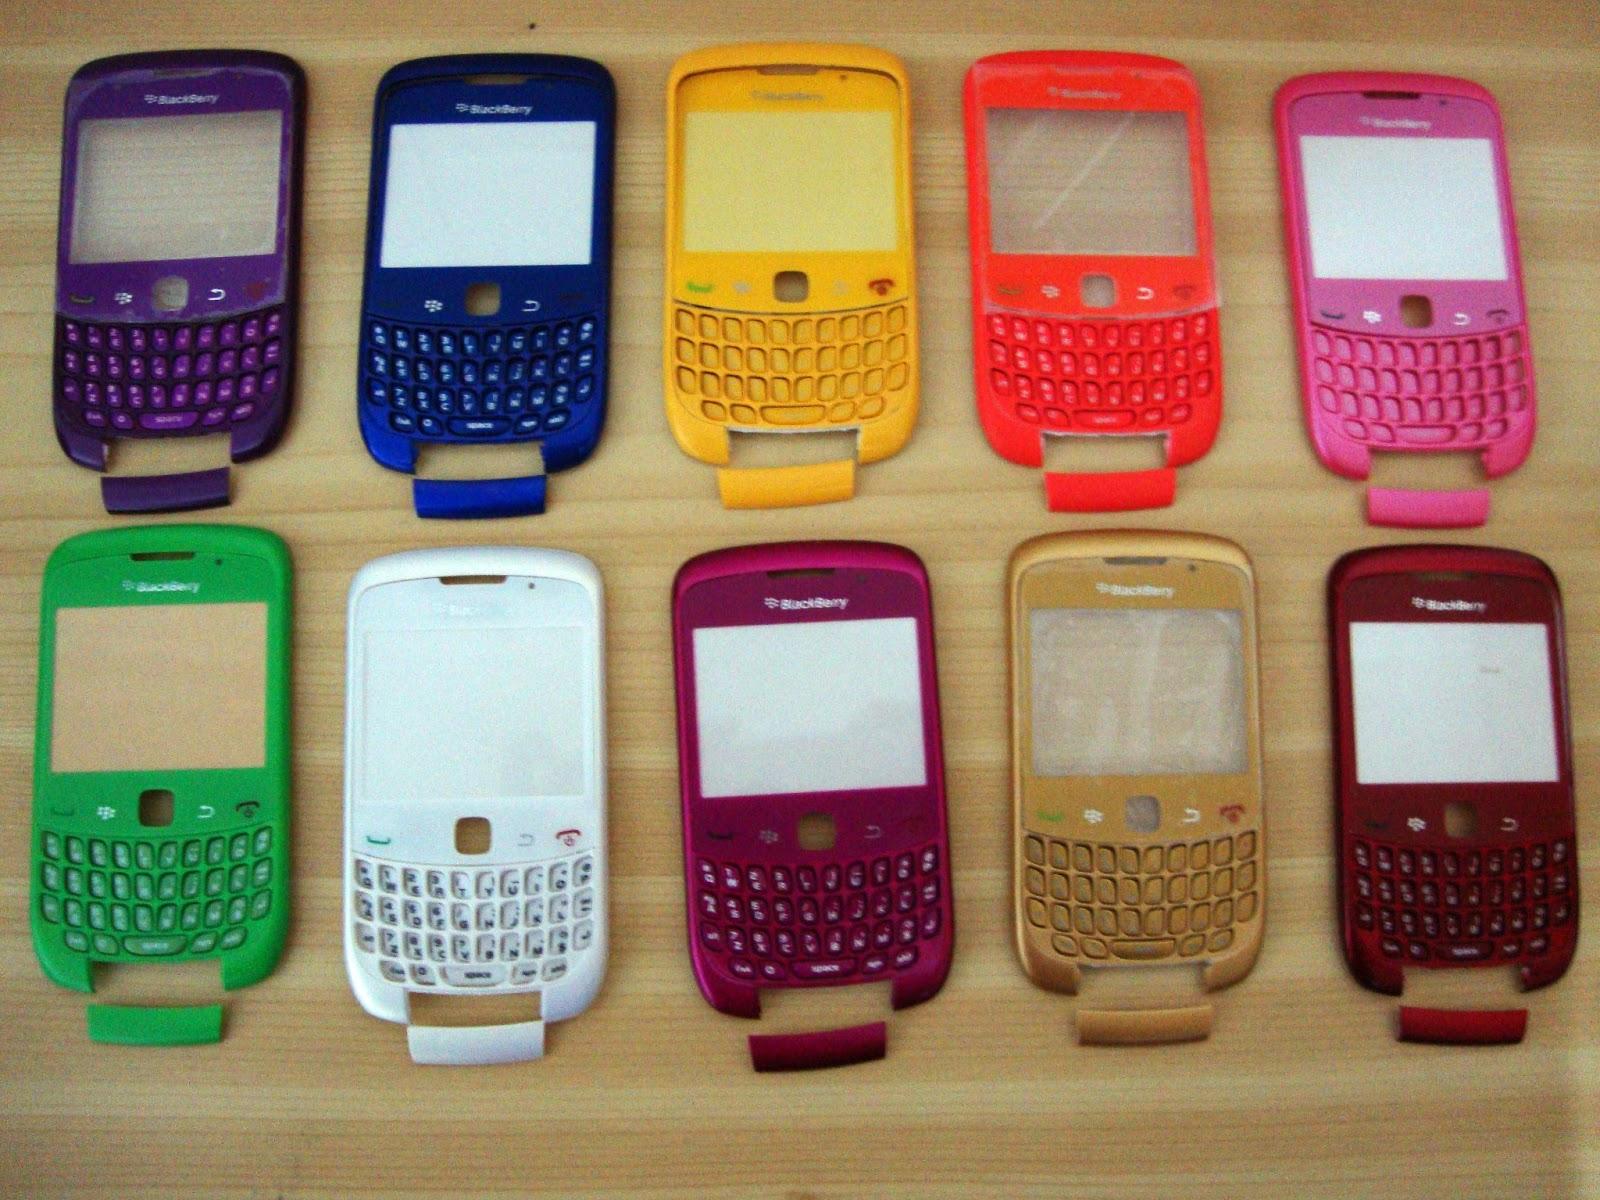 ab836458760 En La Casa de las Carcasas, www.lacasadelascarcasas.es comercializamos todo  tipo de carcasas completas para Blackberry Curve 9300, en una gran variedad  de ...